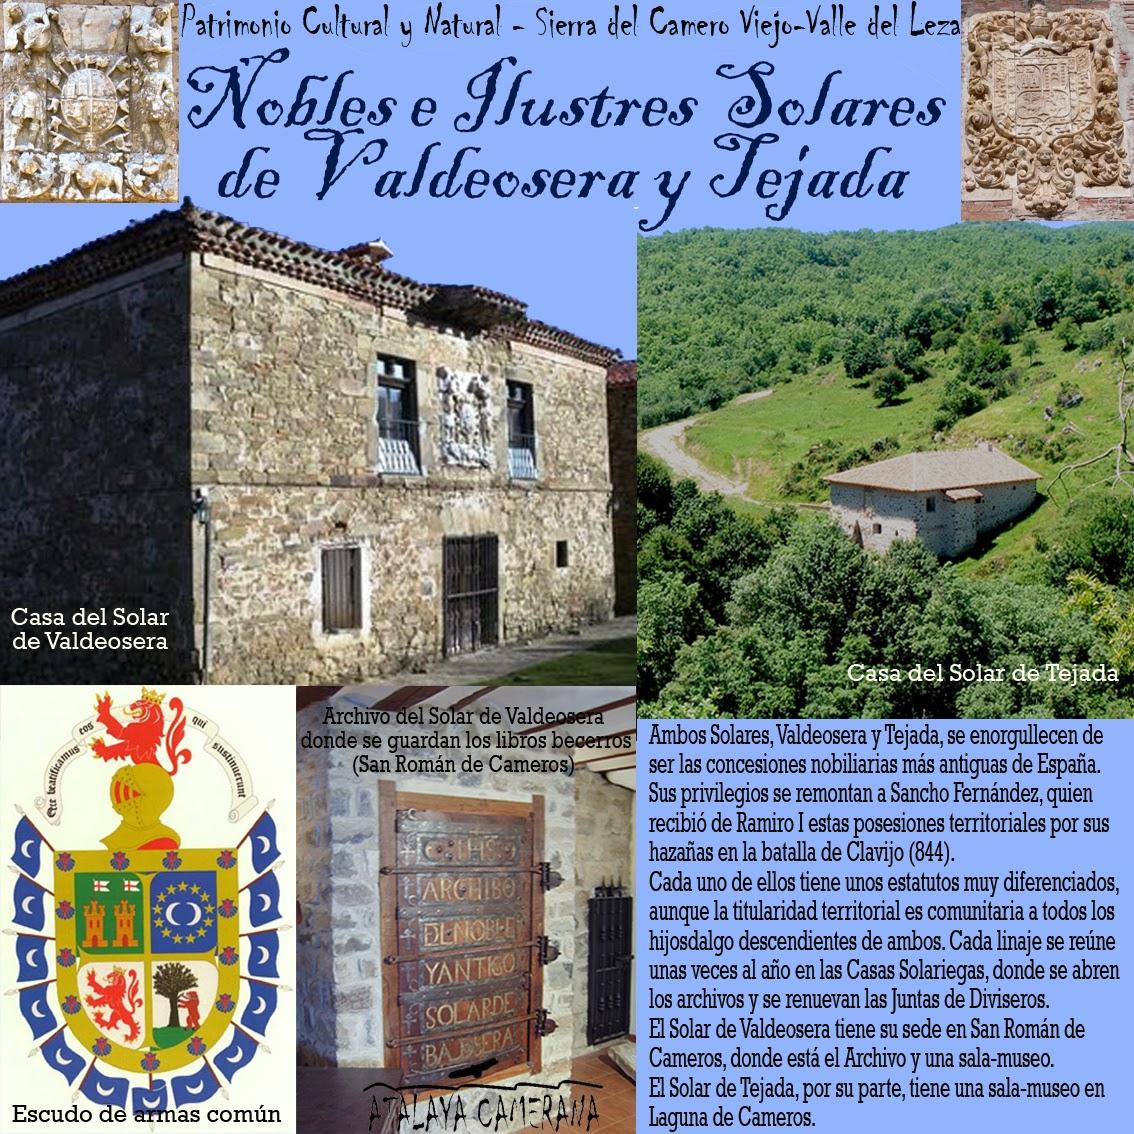 Sierra del Camero Viejo - Valle del Leza. Patrimonio Cultural y Natural. Solares de Valdeosera y Tejada.